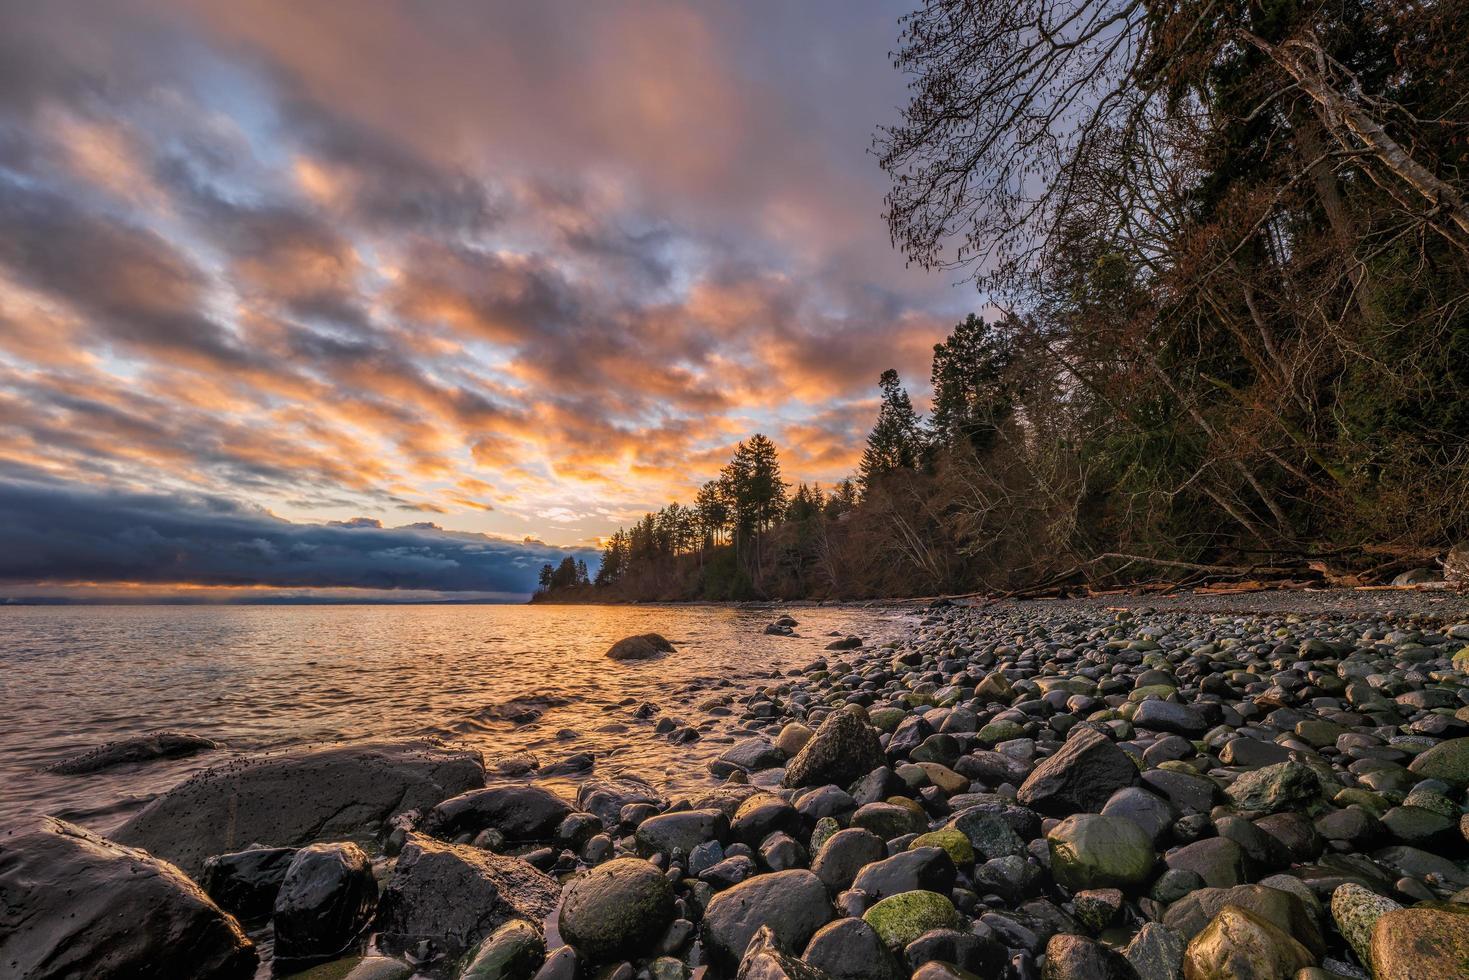 costa rocciosa al tramonto foto